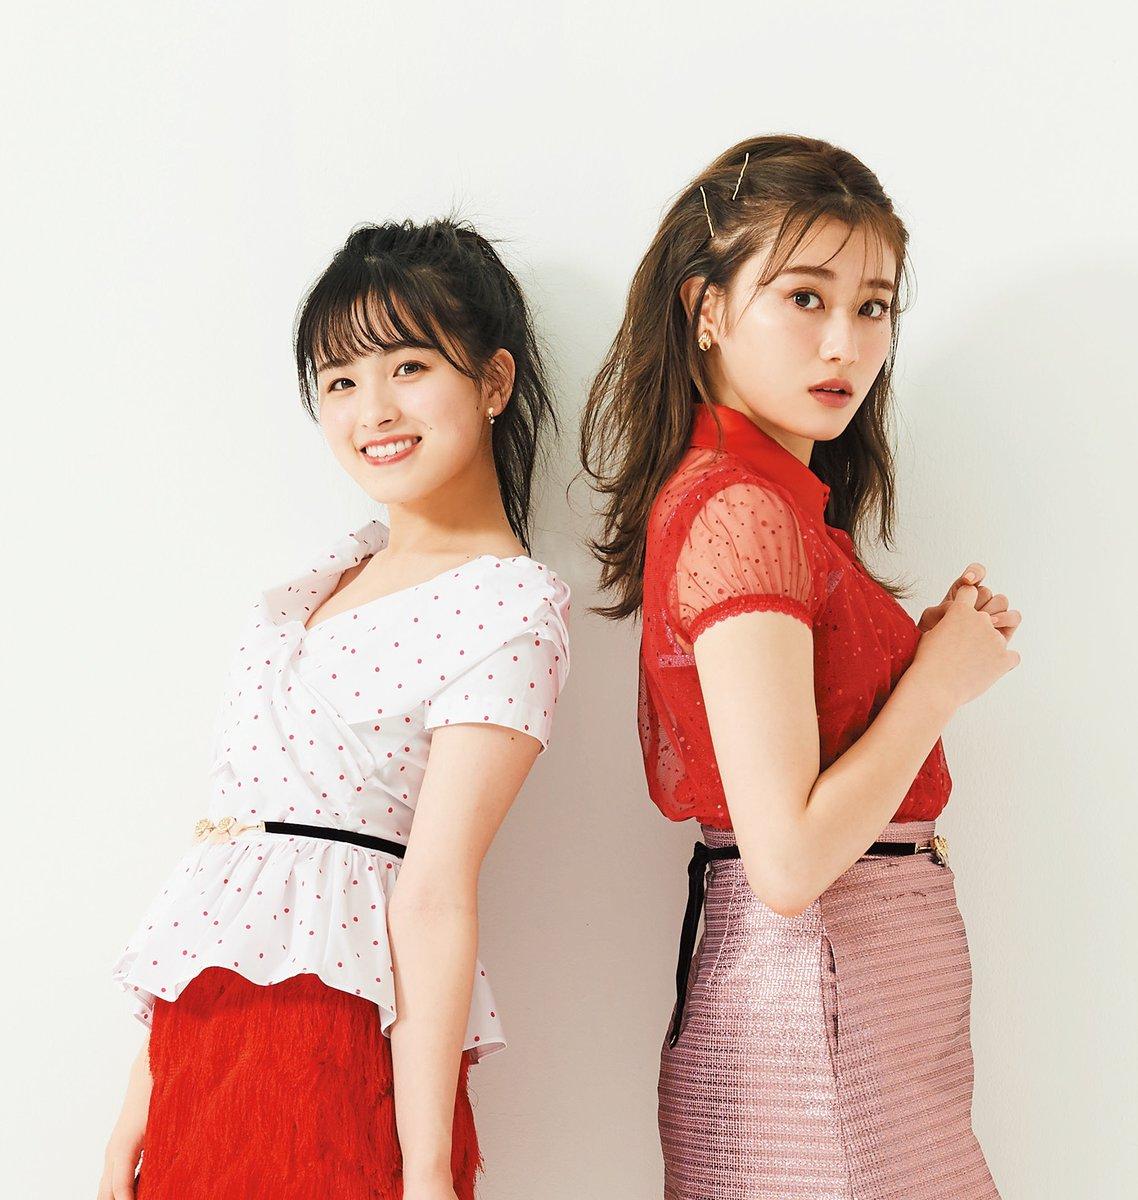 欅坂46の守屋茜さんと乃木坂46の大園桃子さん